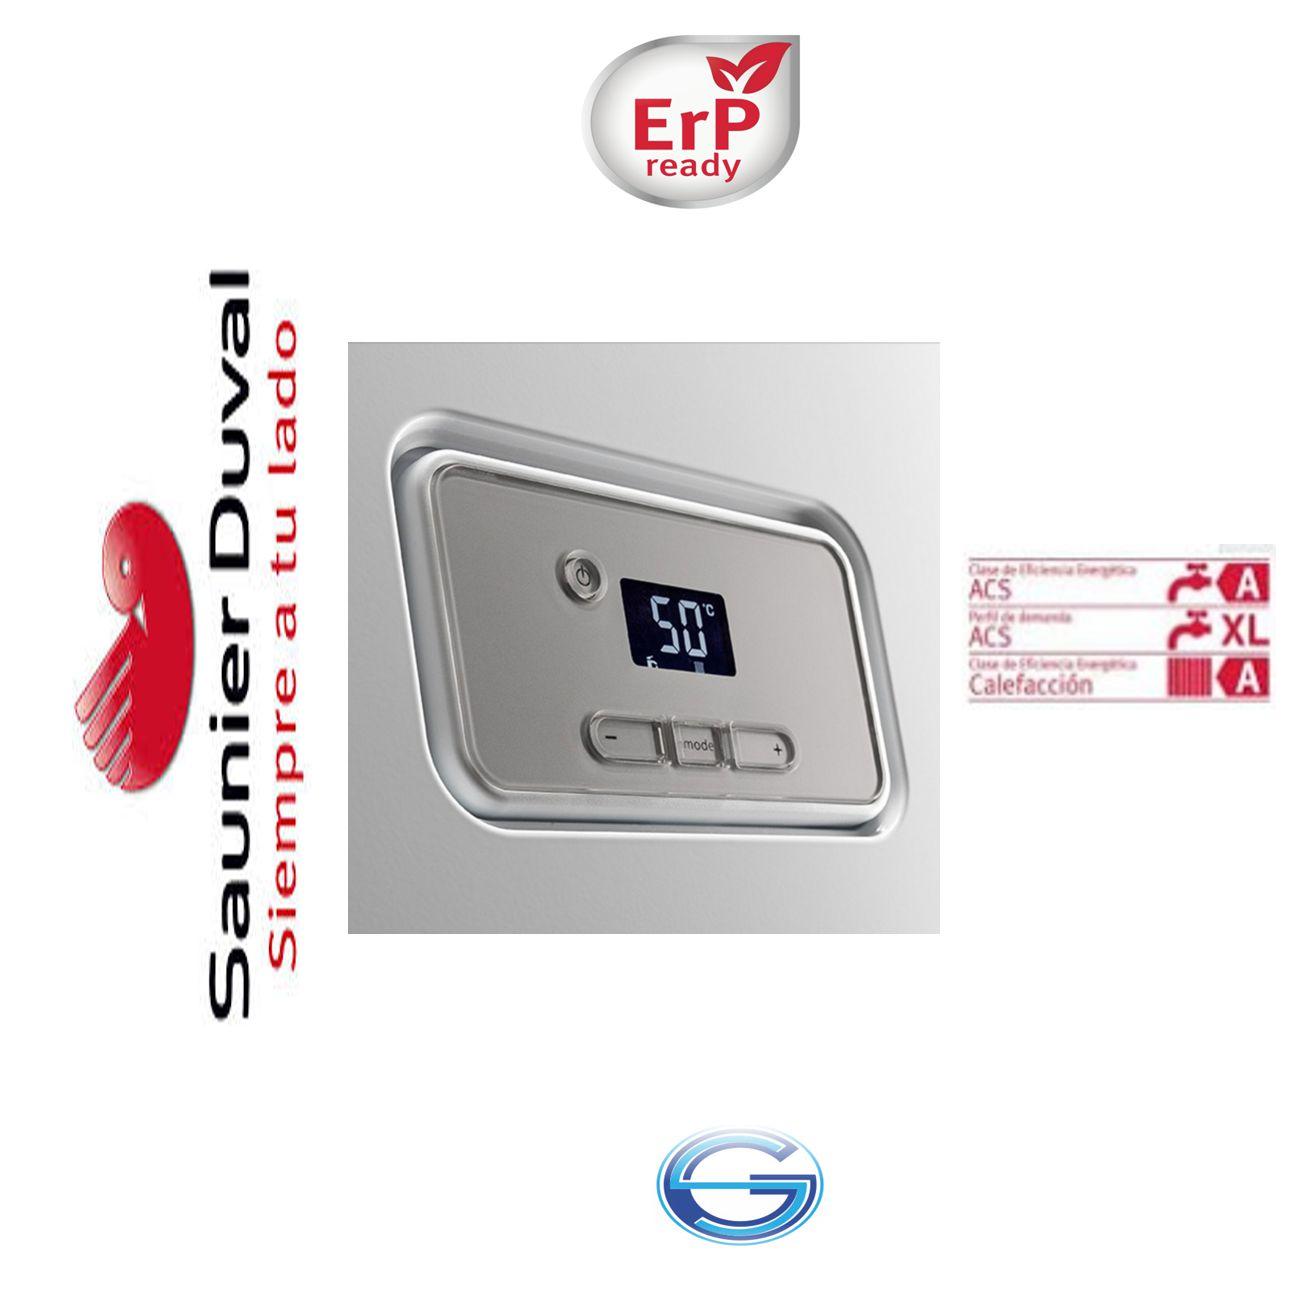 Caldera Saunier Duval Thelia Condens F 25 condensación ErP  panel mandos